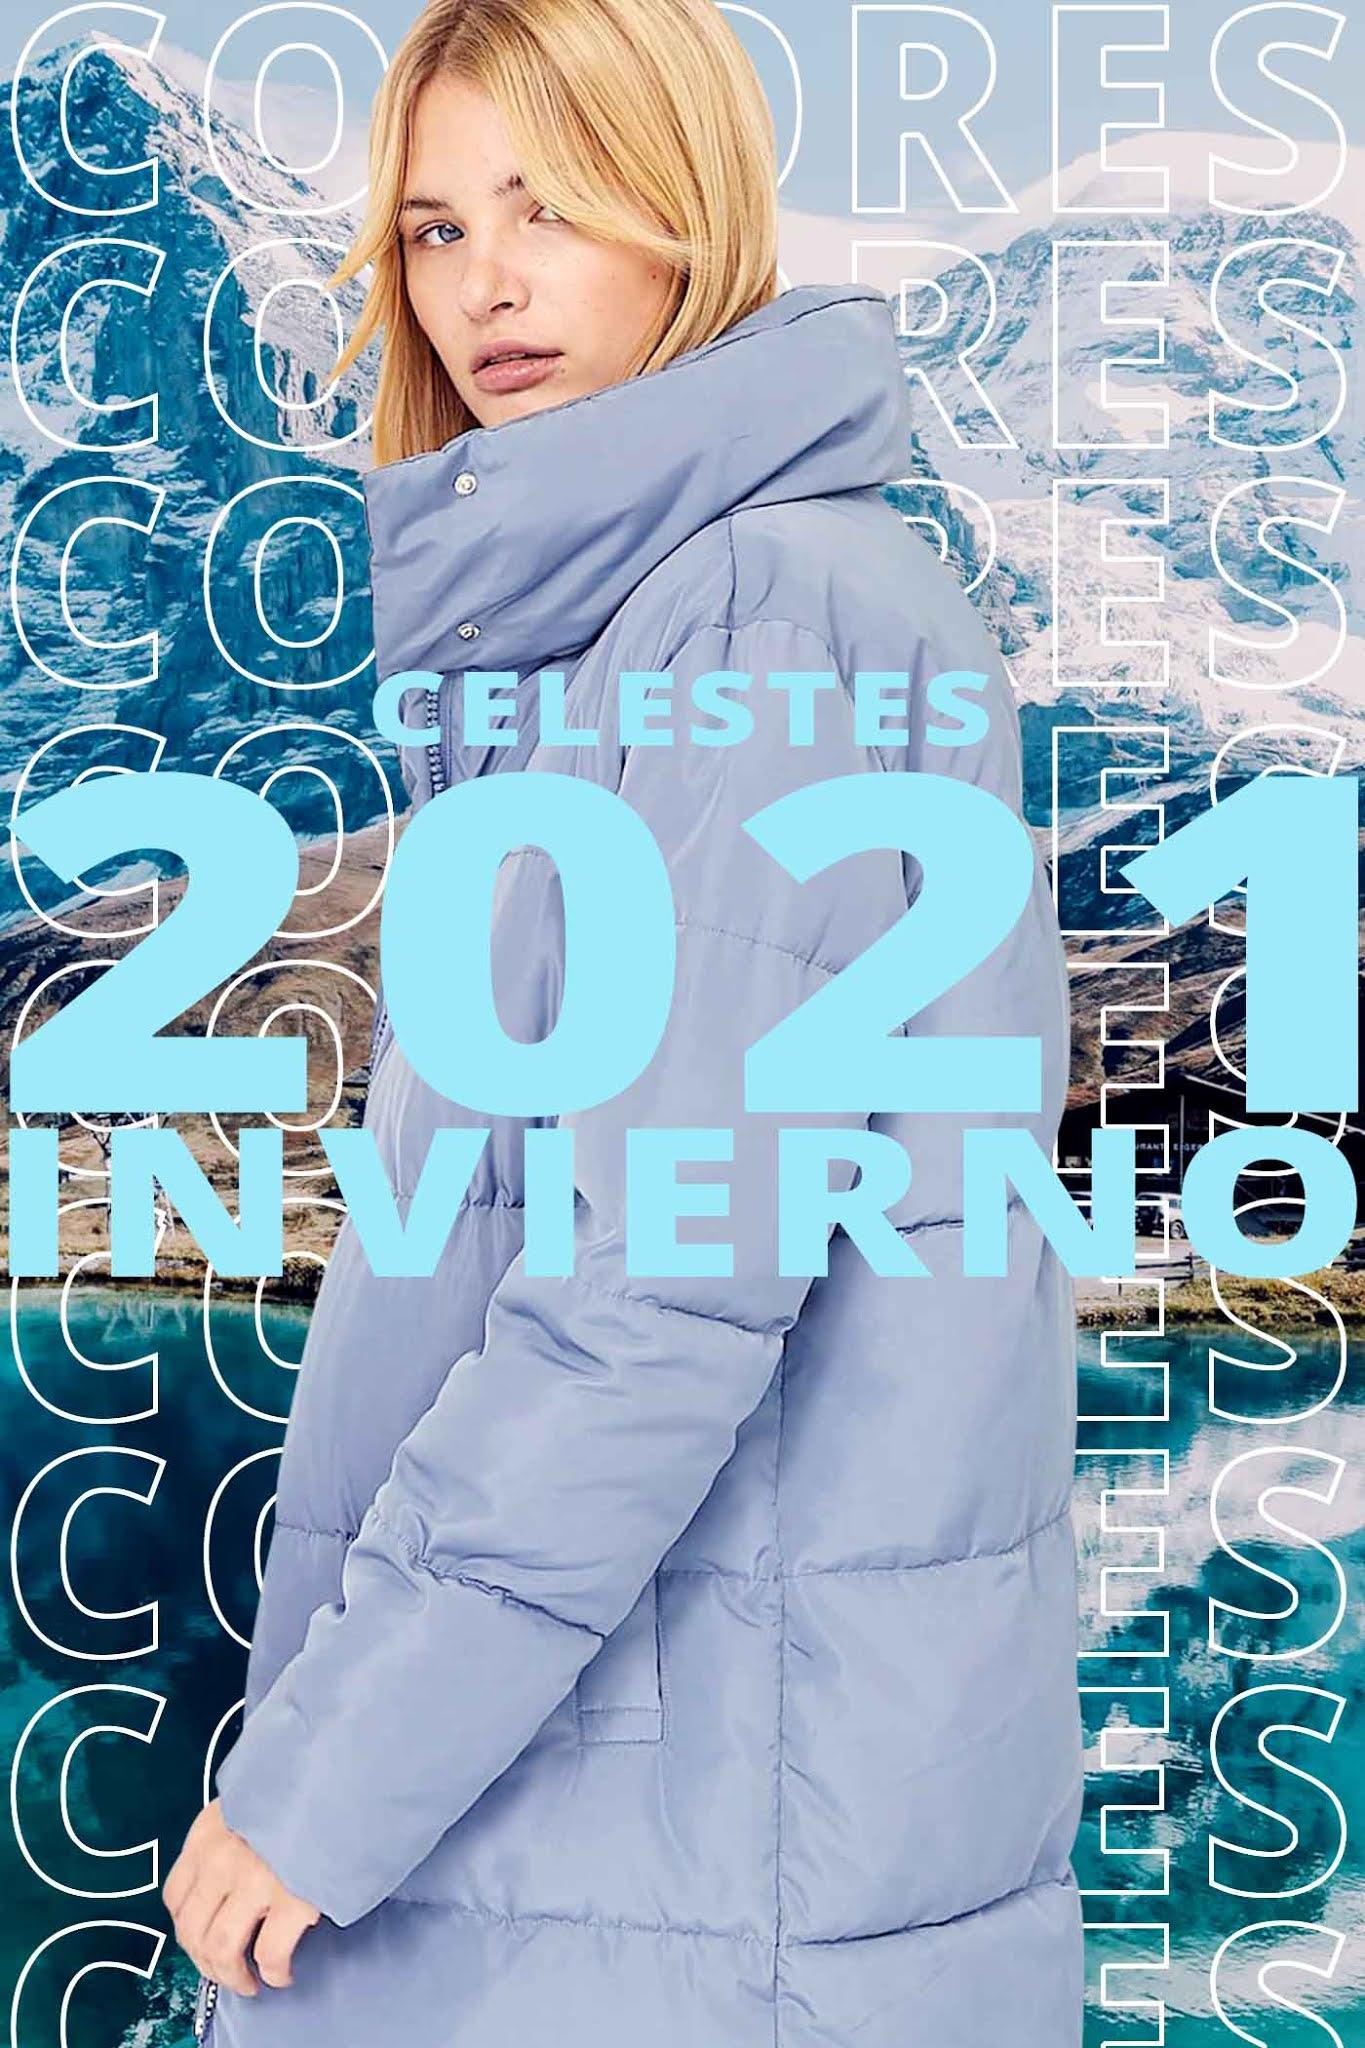 Colores de moda otoño invierno 2021 │ Celestes grisaceos